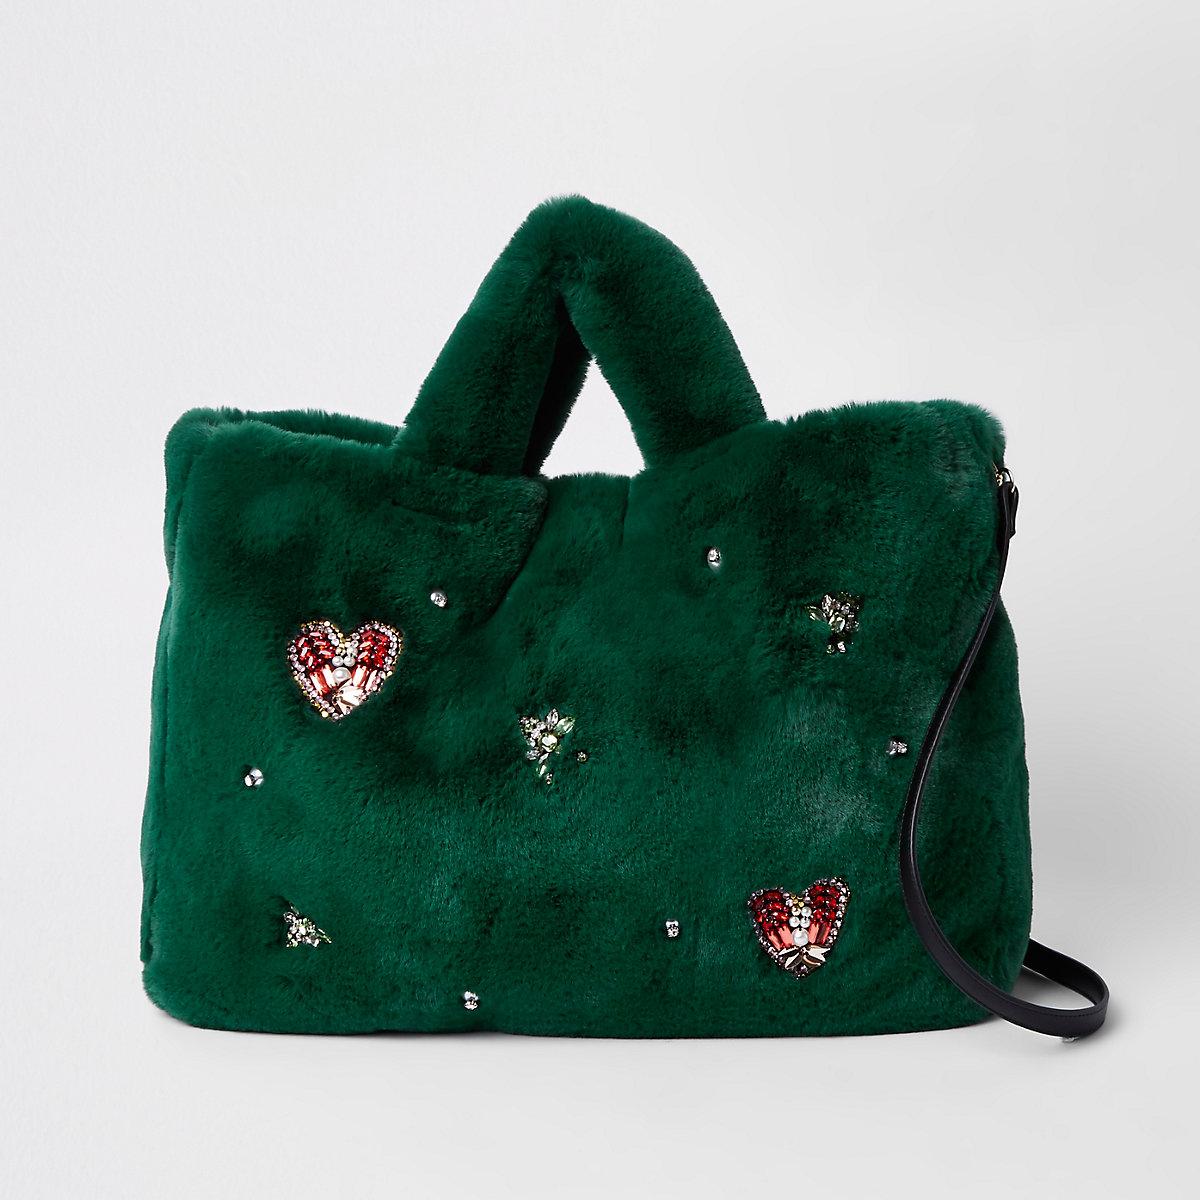 Green faux fur jewel embellished shopper bag